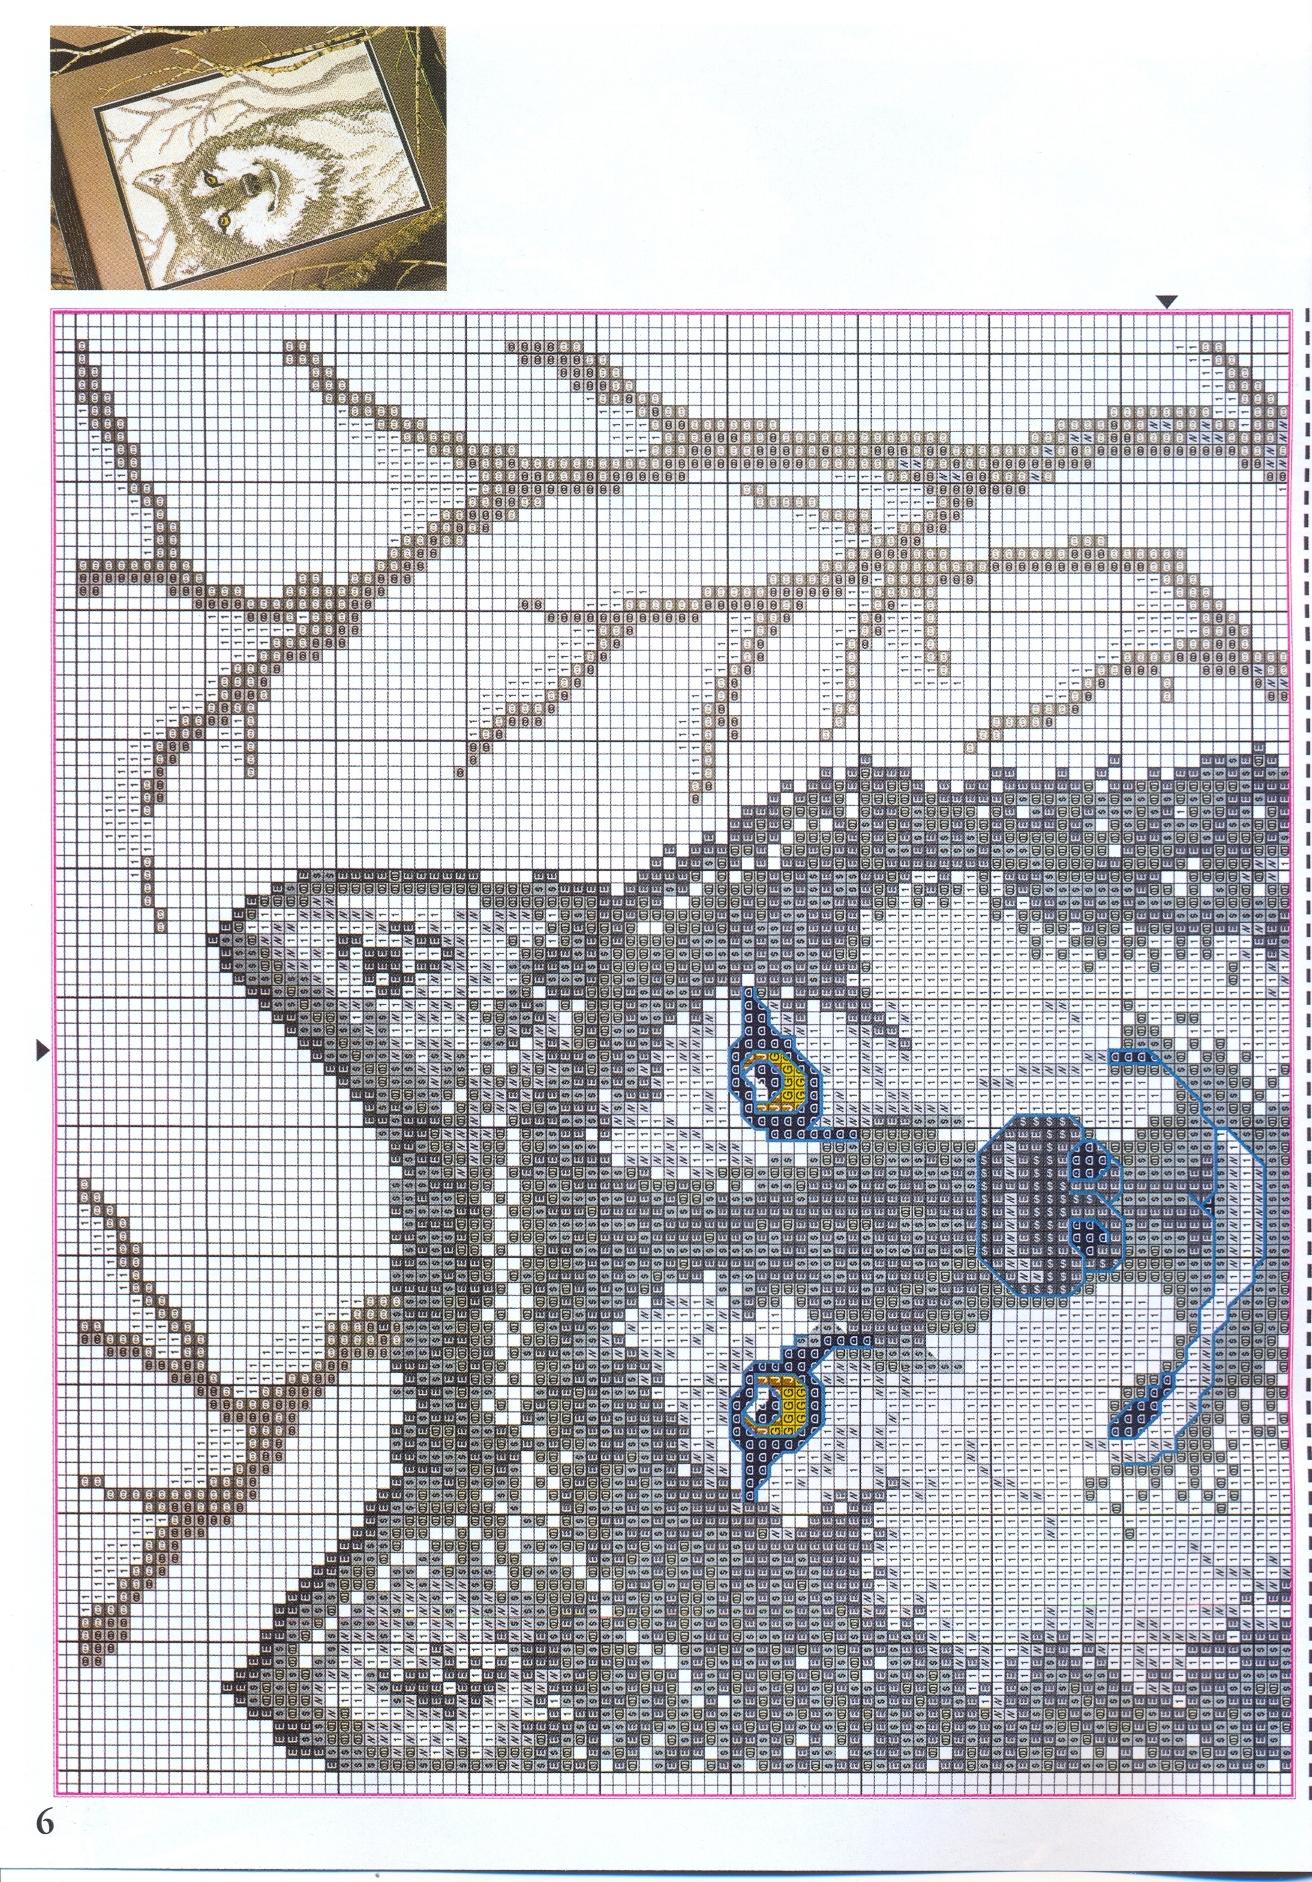 Quadro punto croce di un lupo 3 punto for Schemi punto croce animali